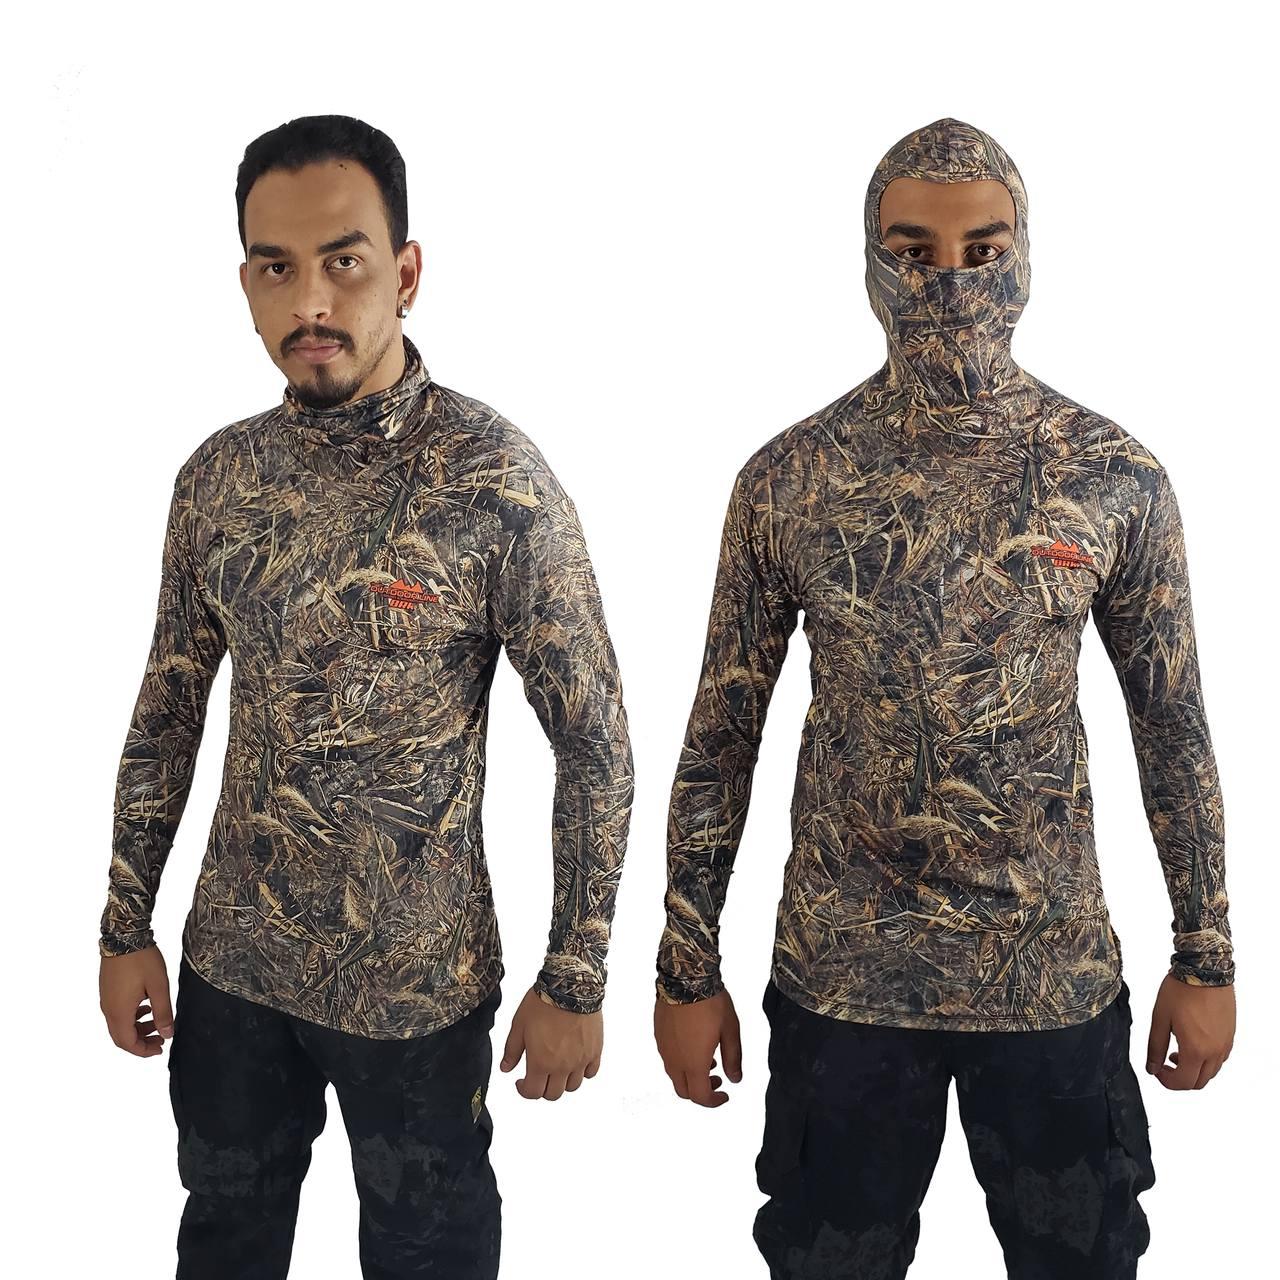 Camisa de Pesca com Capuz Ninja BRK Realtree com fpu50+